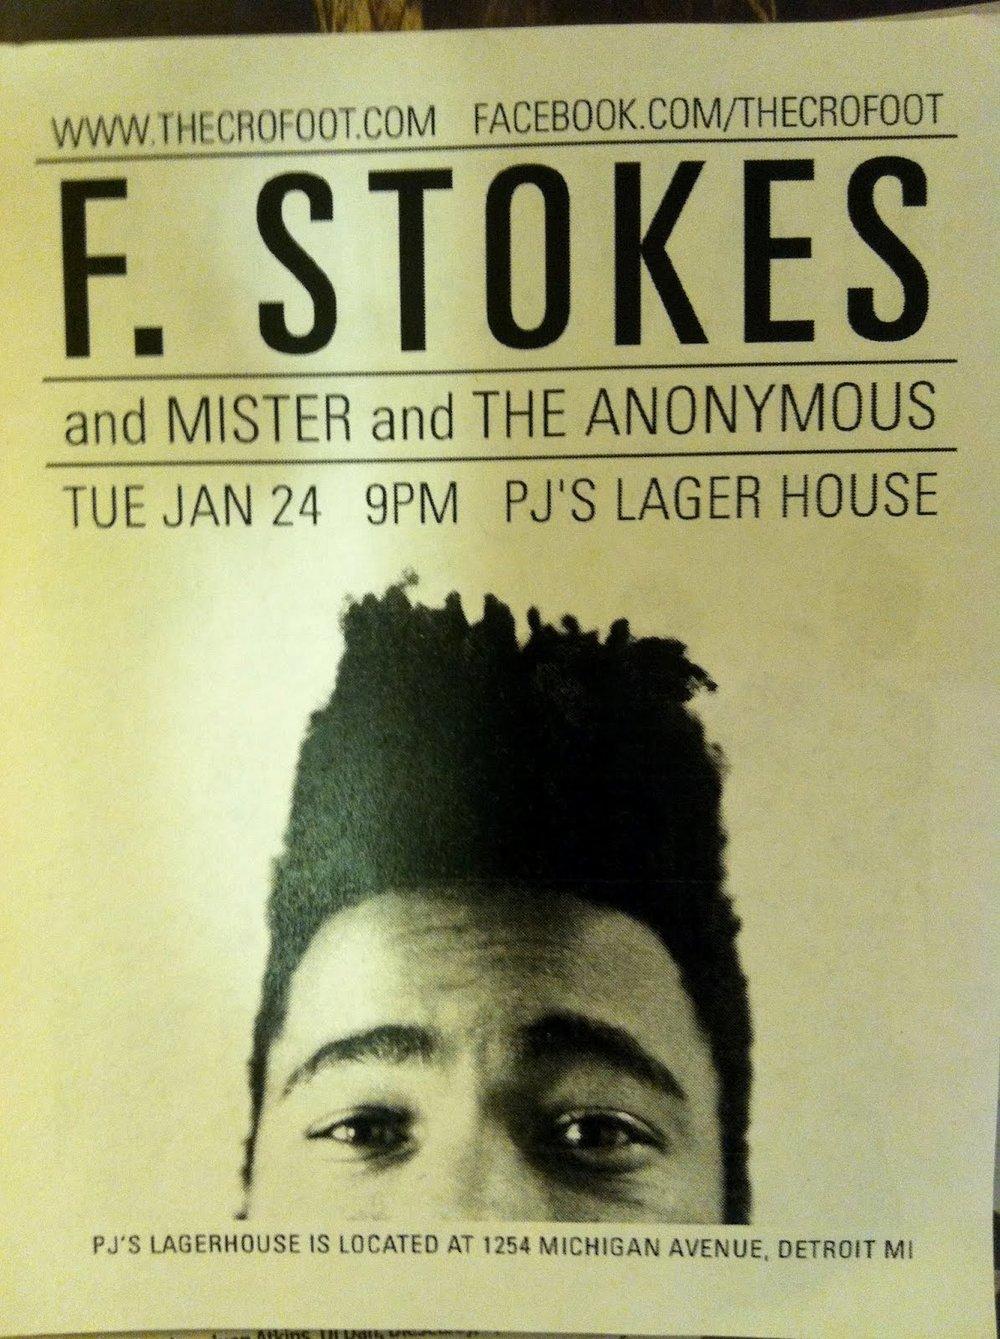 f stokes lager house.jpg